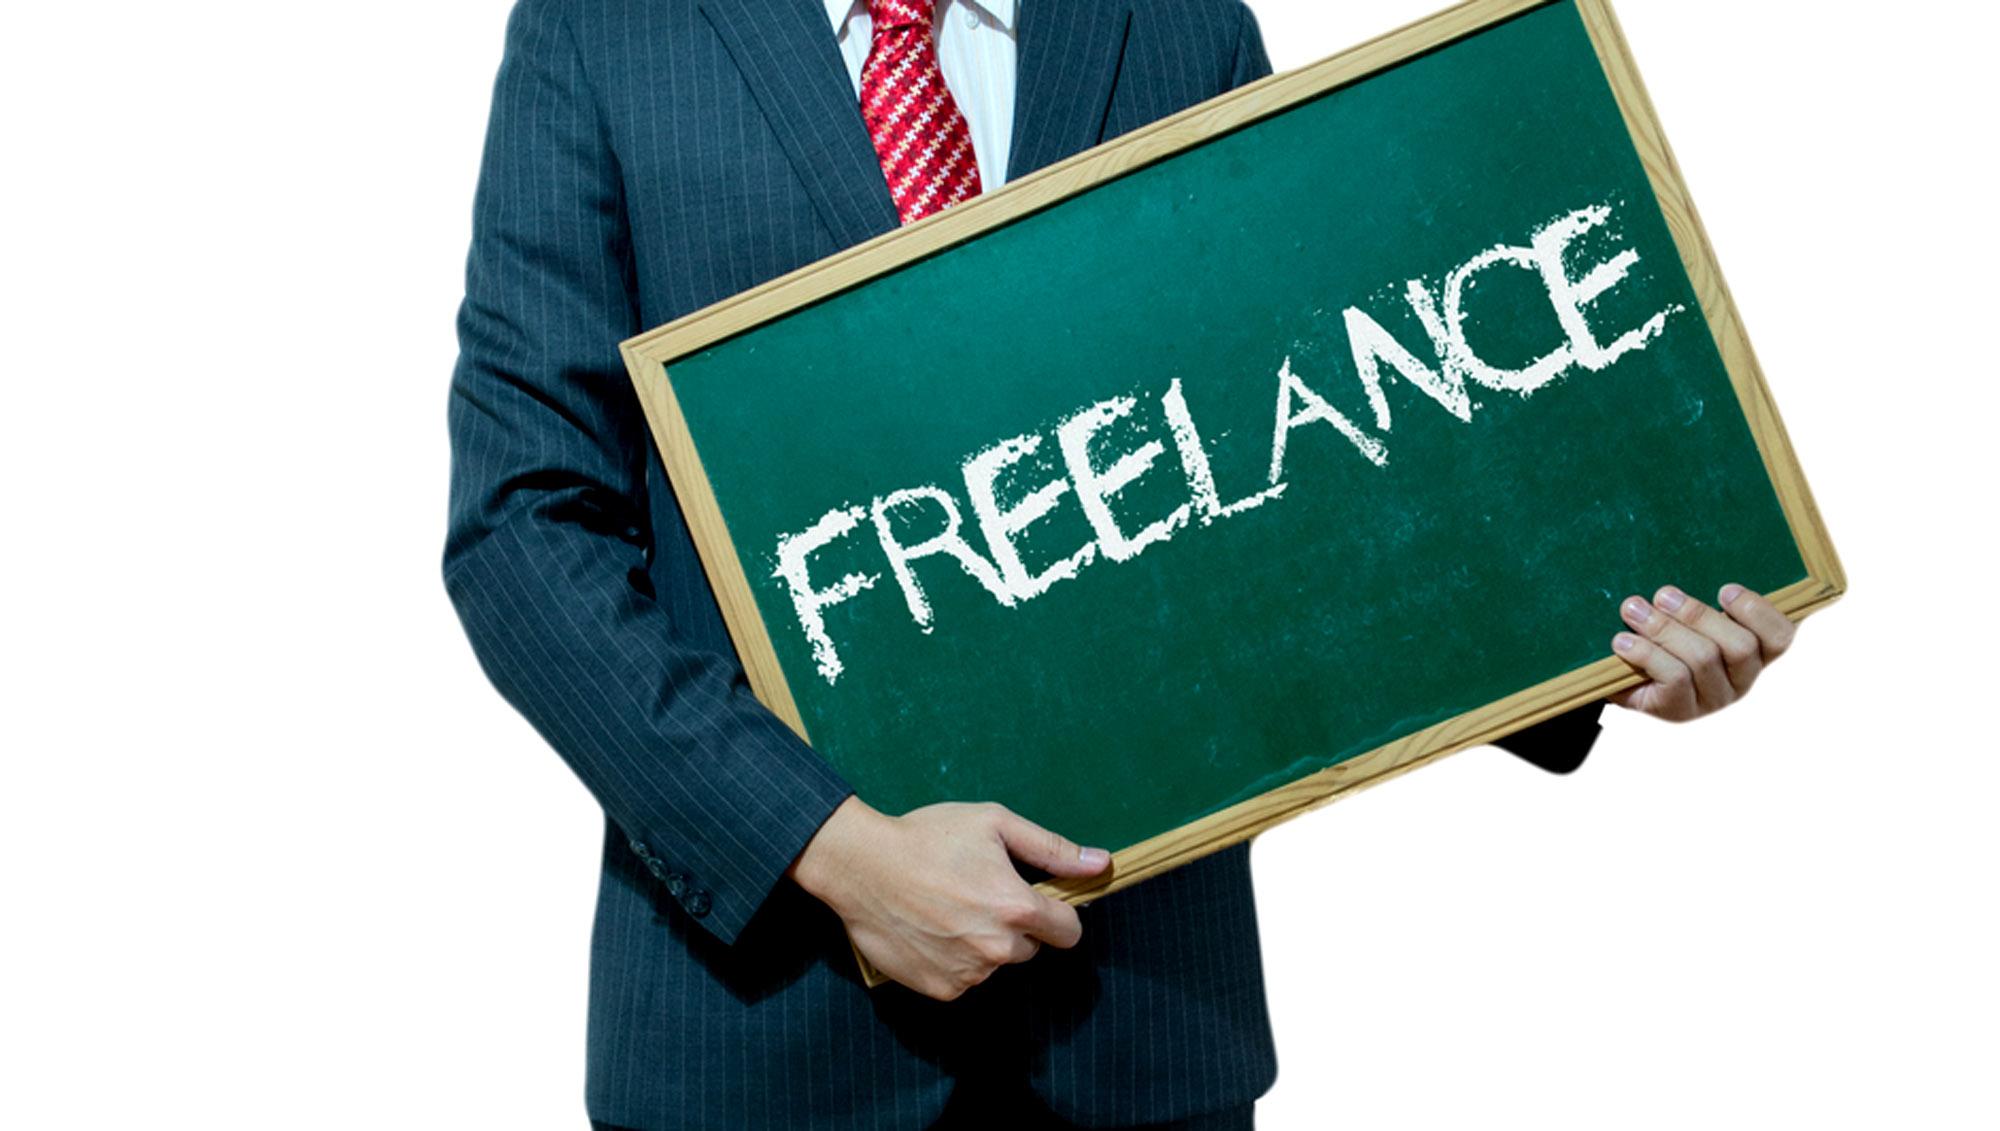 Bạn biết gì về Freelance- nghề cho những ngừoi muốn tự do?